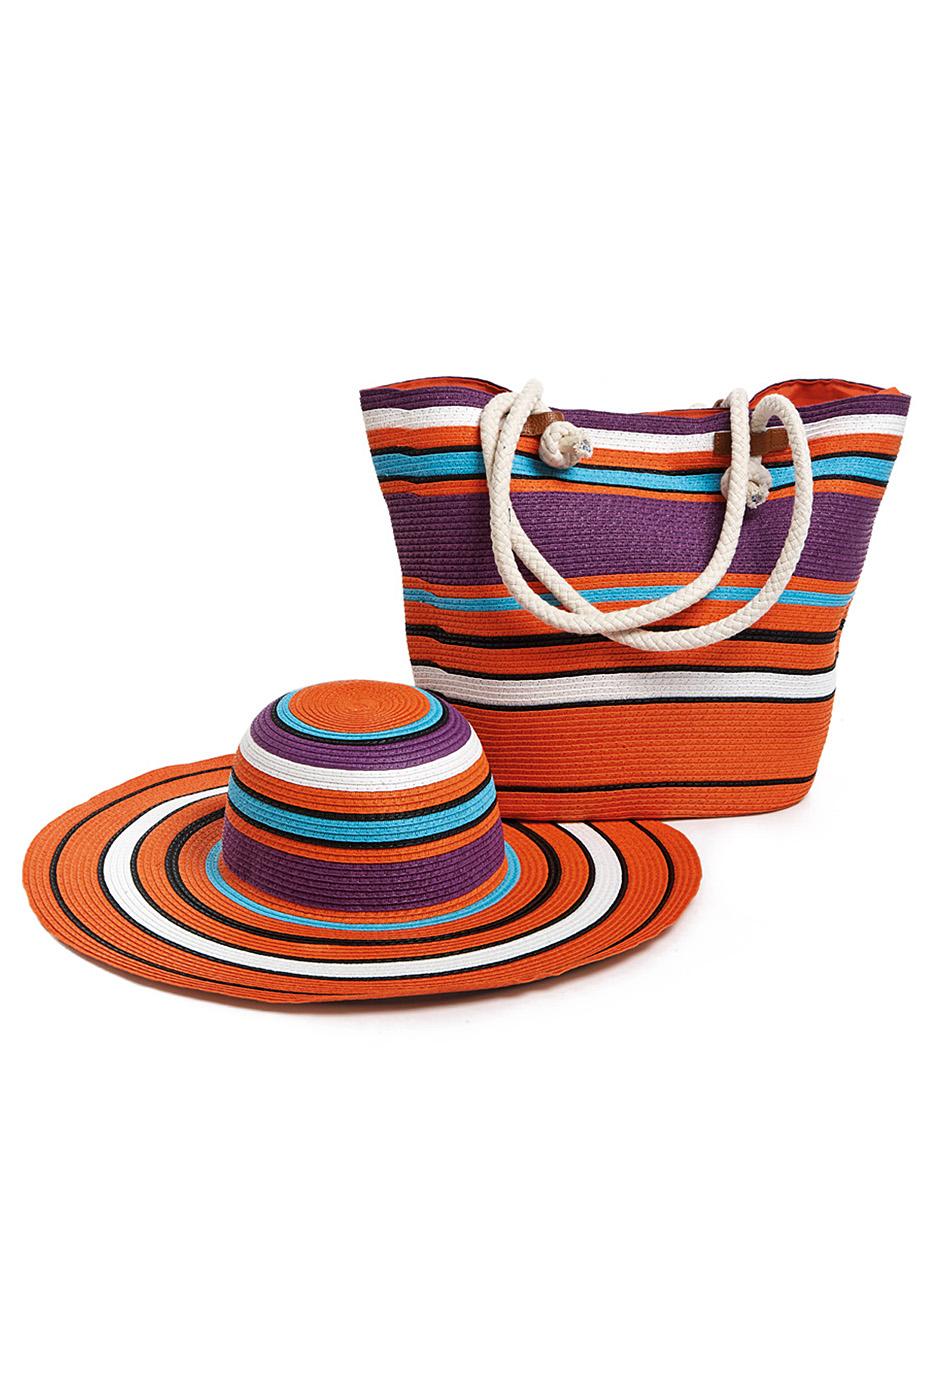 Комплект Moltini: сумка, шляпа, цвет: оранжевый, фиолетовый. 15V01715V017Оригинальный пляжный комплект Moltini, состоящий из сумки и шляпы, выполнен из плотного текстиля. Комплект выполнен в едином стиле и оформлен контрастными оттенками. Сумка состоит из одного вместительного отделения и закрывается на магнитную кнопку. Внутри размещены два накладных кармана для телефона и мелочей и один вшитый карман на молнии. Оригинальная форма ручек и натуральные материалы делают эту сумку особенно удобной для ношения на плече. Шляпа с широкими полями надежно защитит волосы и лицо от ярких солнечных лучей. Шляпа выполнена в едином стиле с сумкой и достойно завершит комплект. Комплект Moltini идеально подойдет для похода на пляж, для загородной поездки.